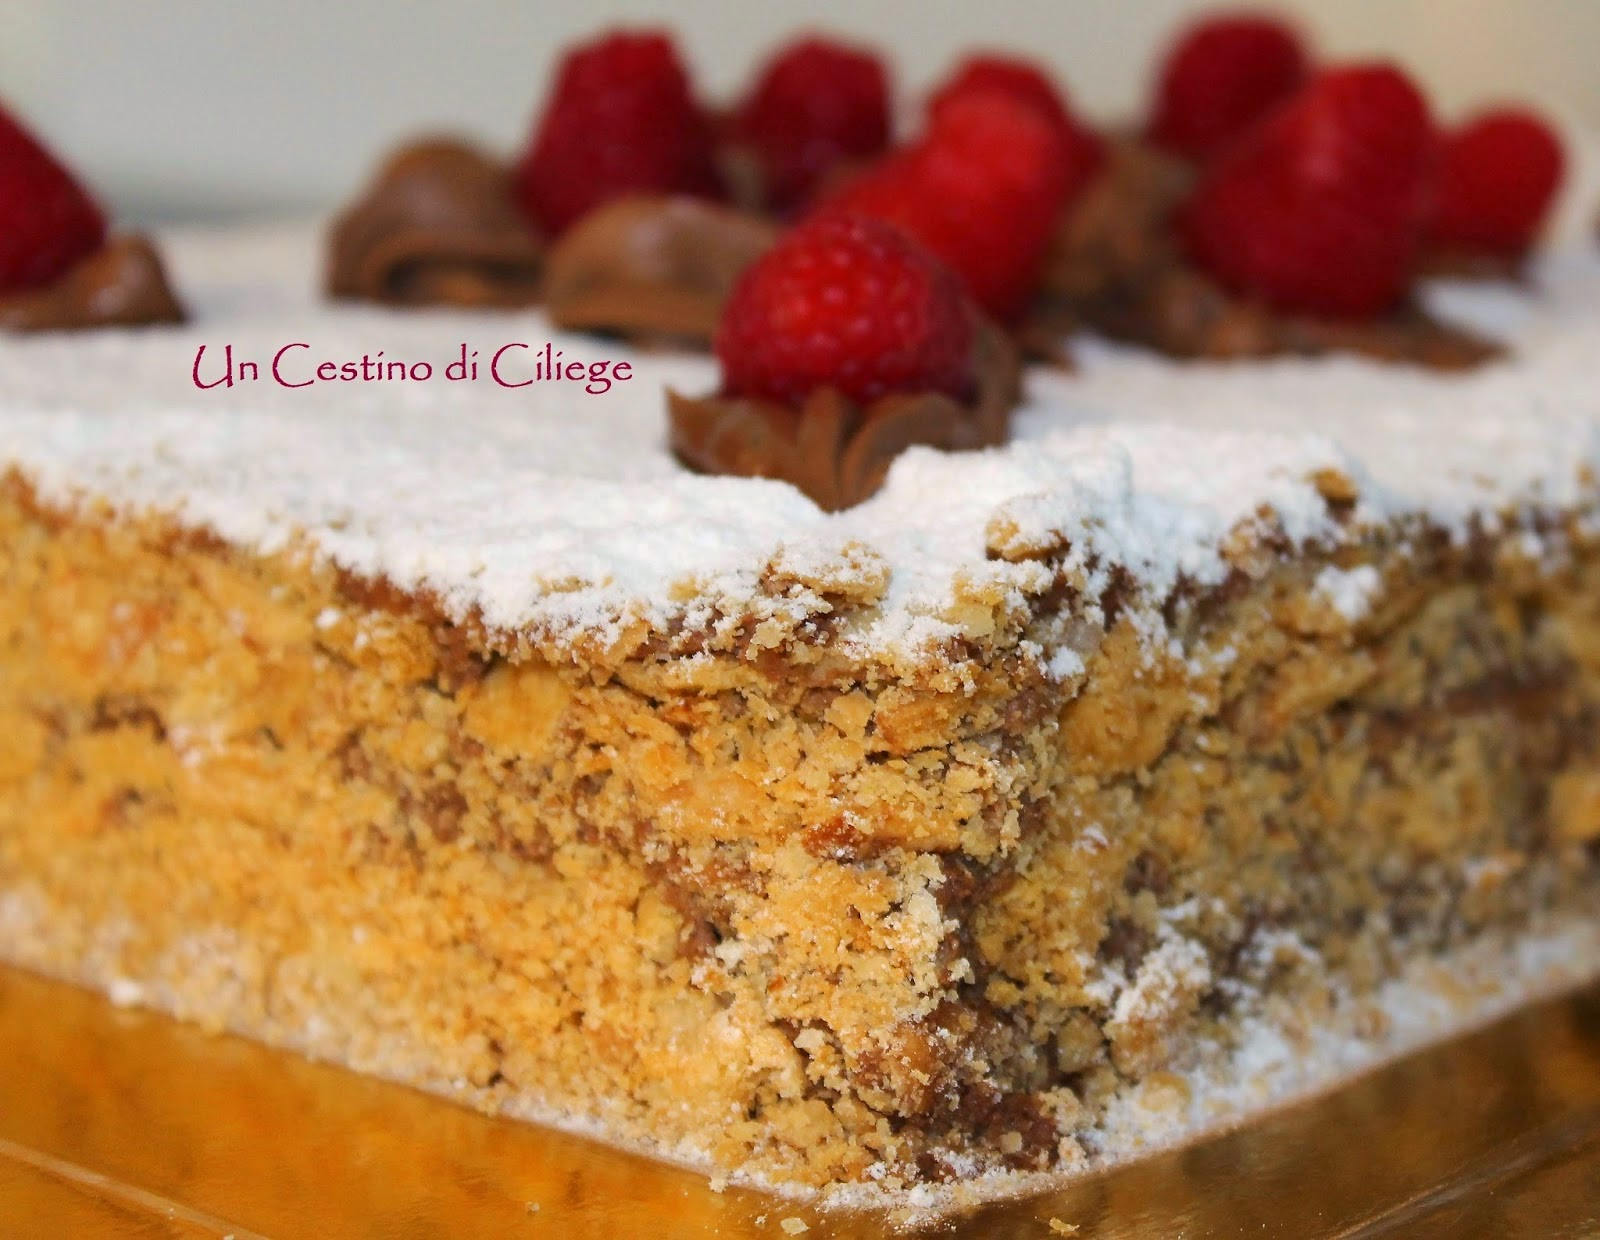 http://uncestinodiciliege.blogspot.it/2014/06/millefoglie-al-cioccolato-e-lamponi.html